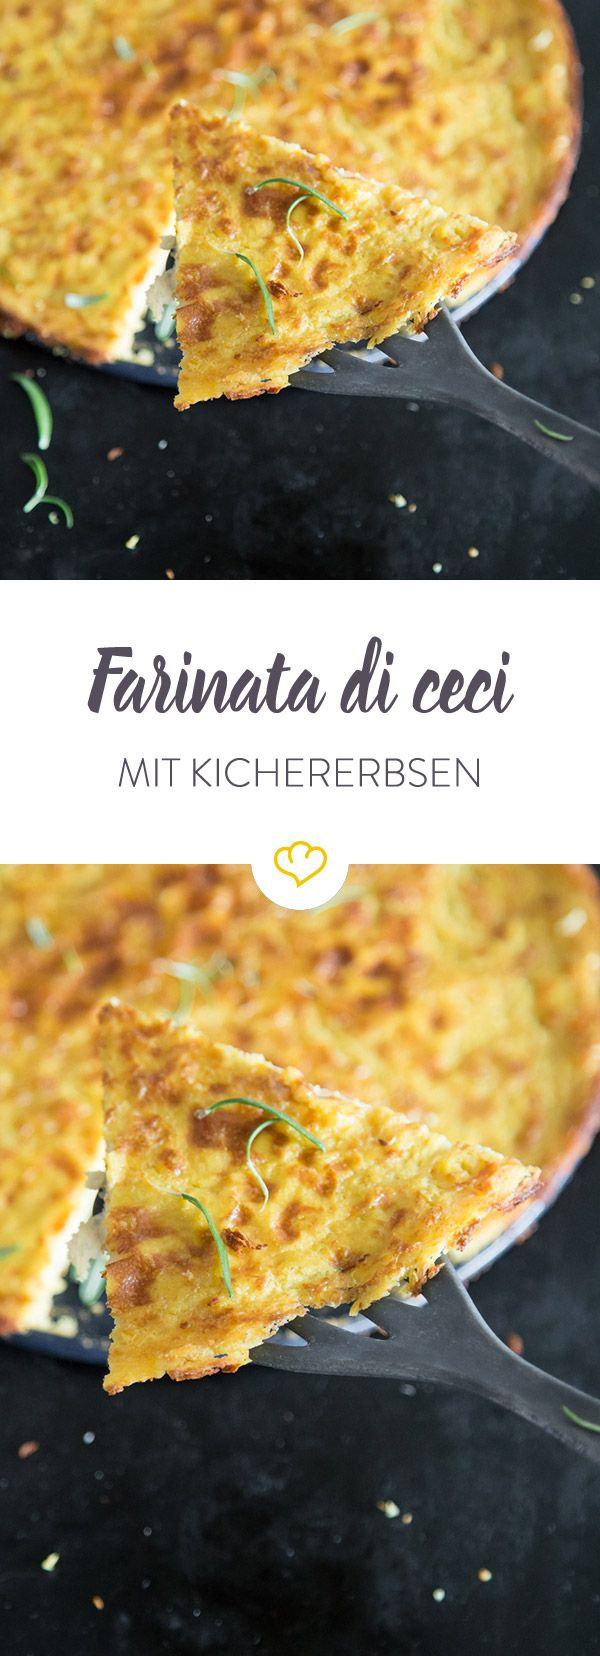 Farinata kommt ursprünglich aus Ligurien und ist ein echtes Super-Streetfood: der Kichererbsenfladen ist lecker, gesund, vegan und glutenfrei! Entdeckt von Vegalife Rocks: www.vegaliferocks.de✨ I Fleischlos glücklich, fit & Gesund✨ I Follow me for more vegan inspiration @vegaliferocks